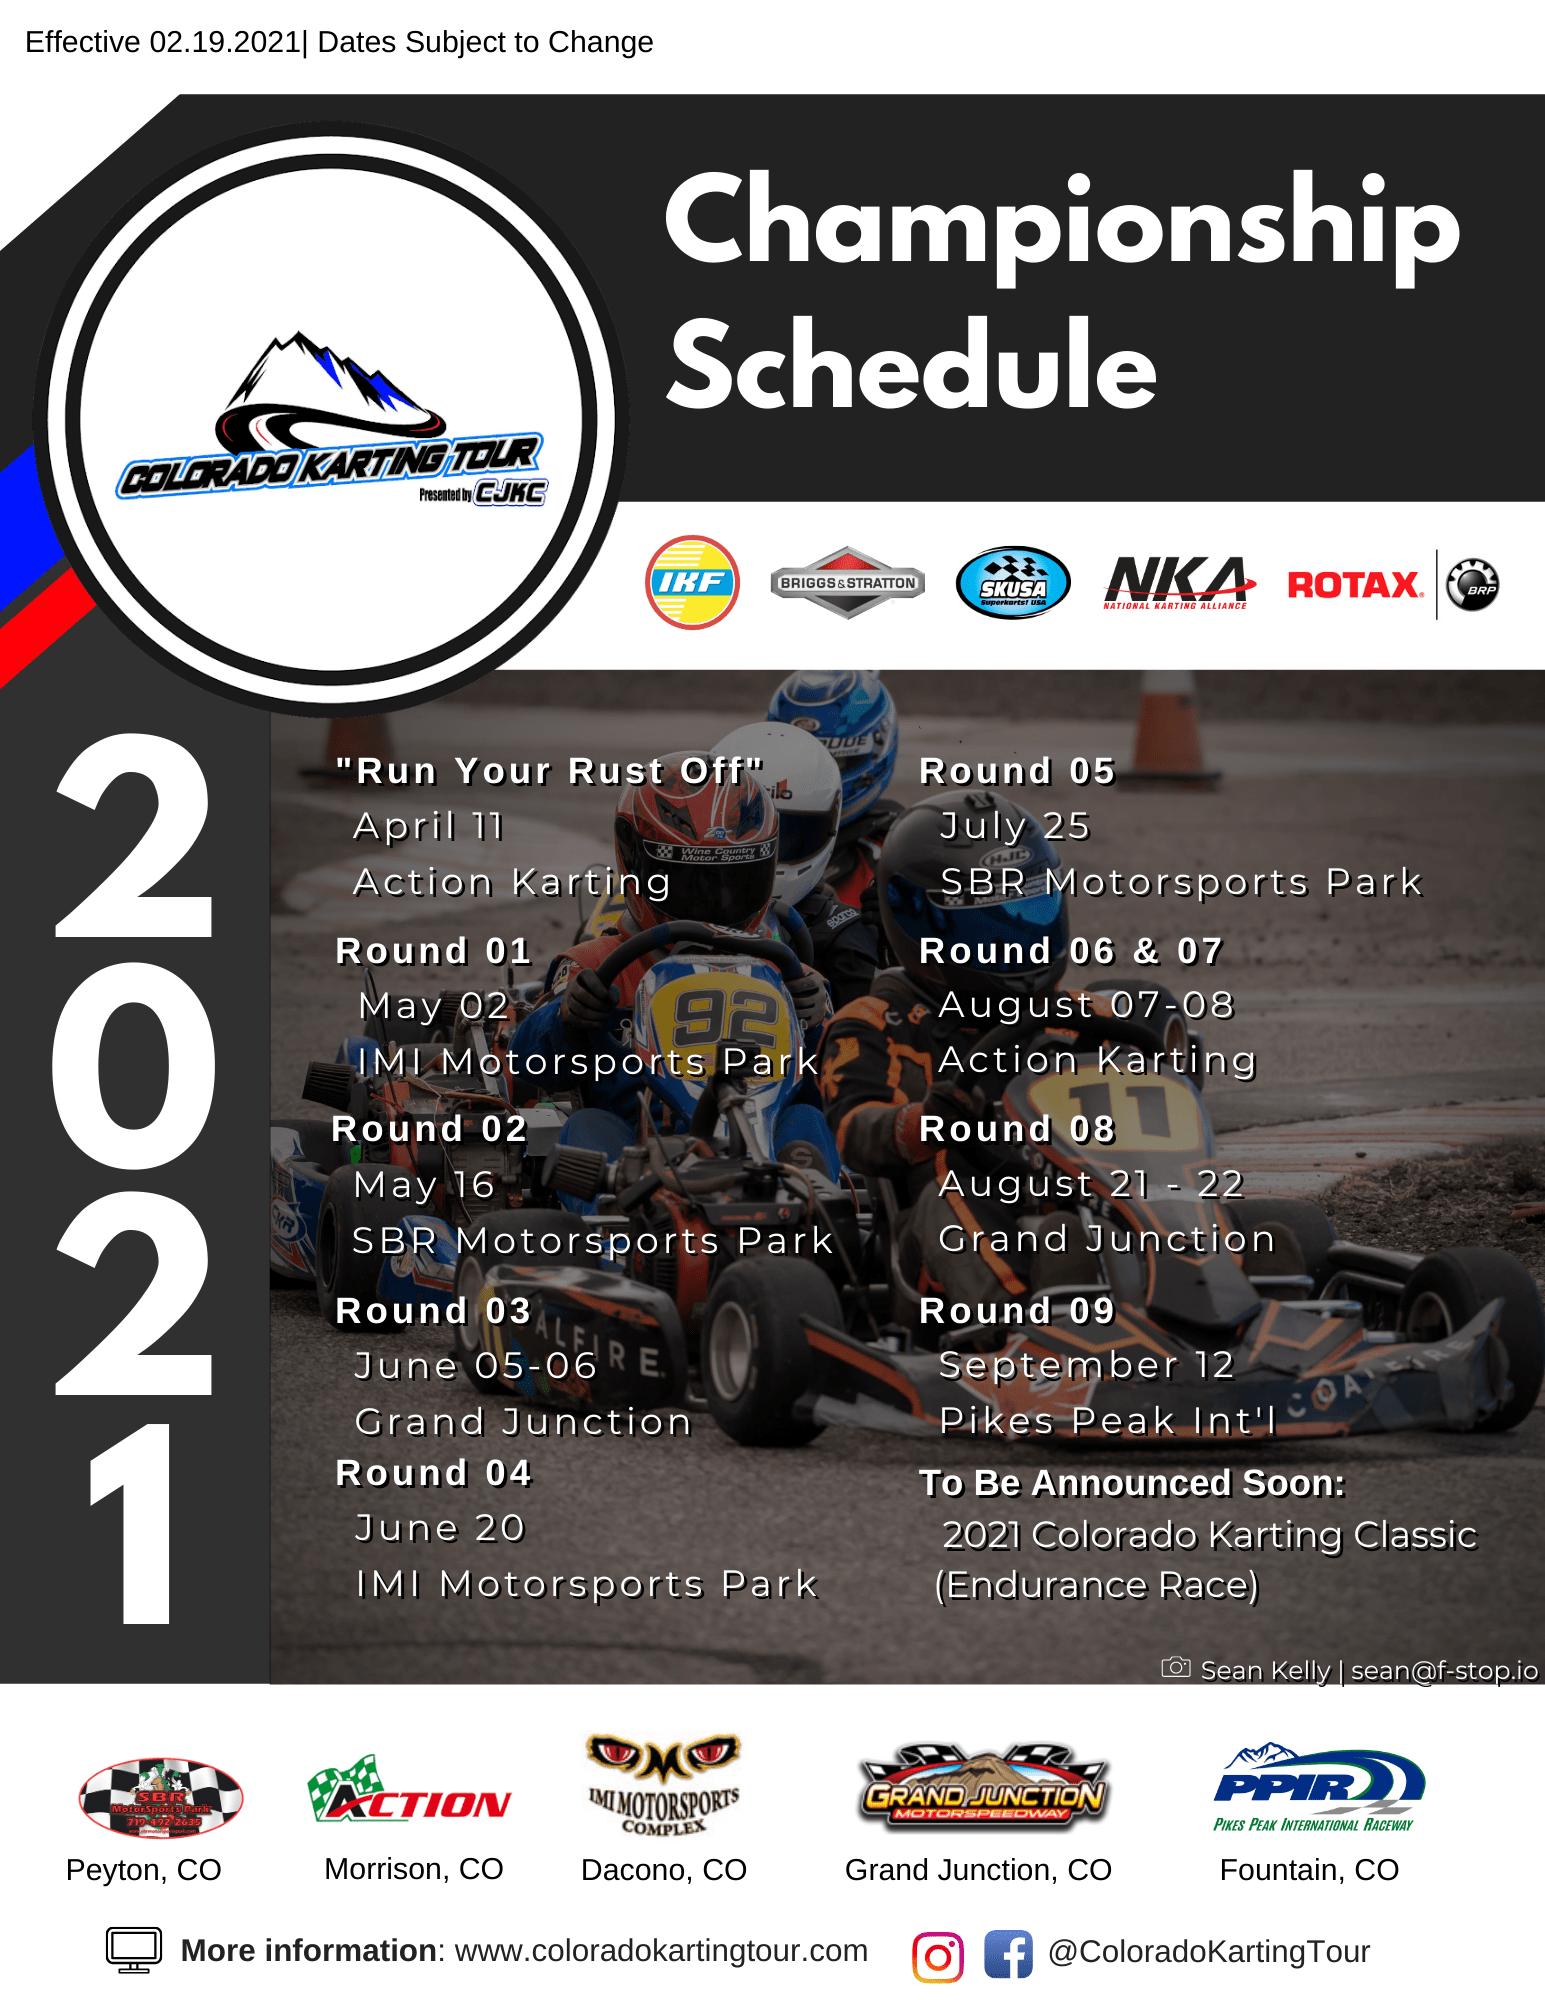 CKT Schedule 2021_Final_02192021